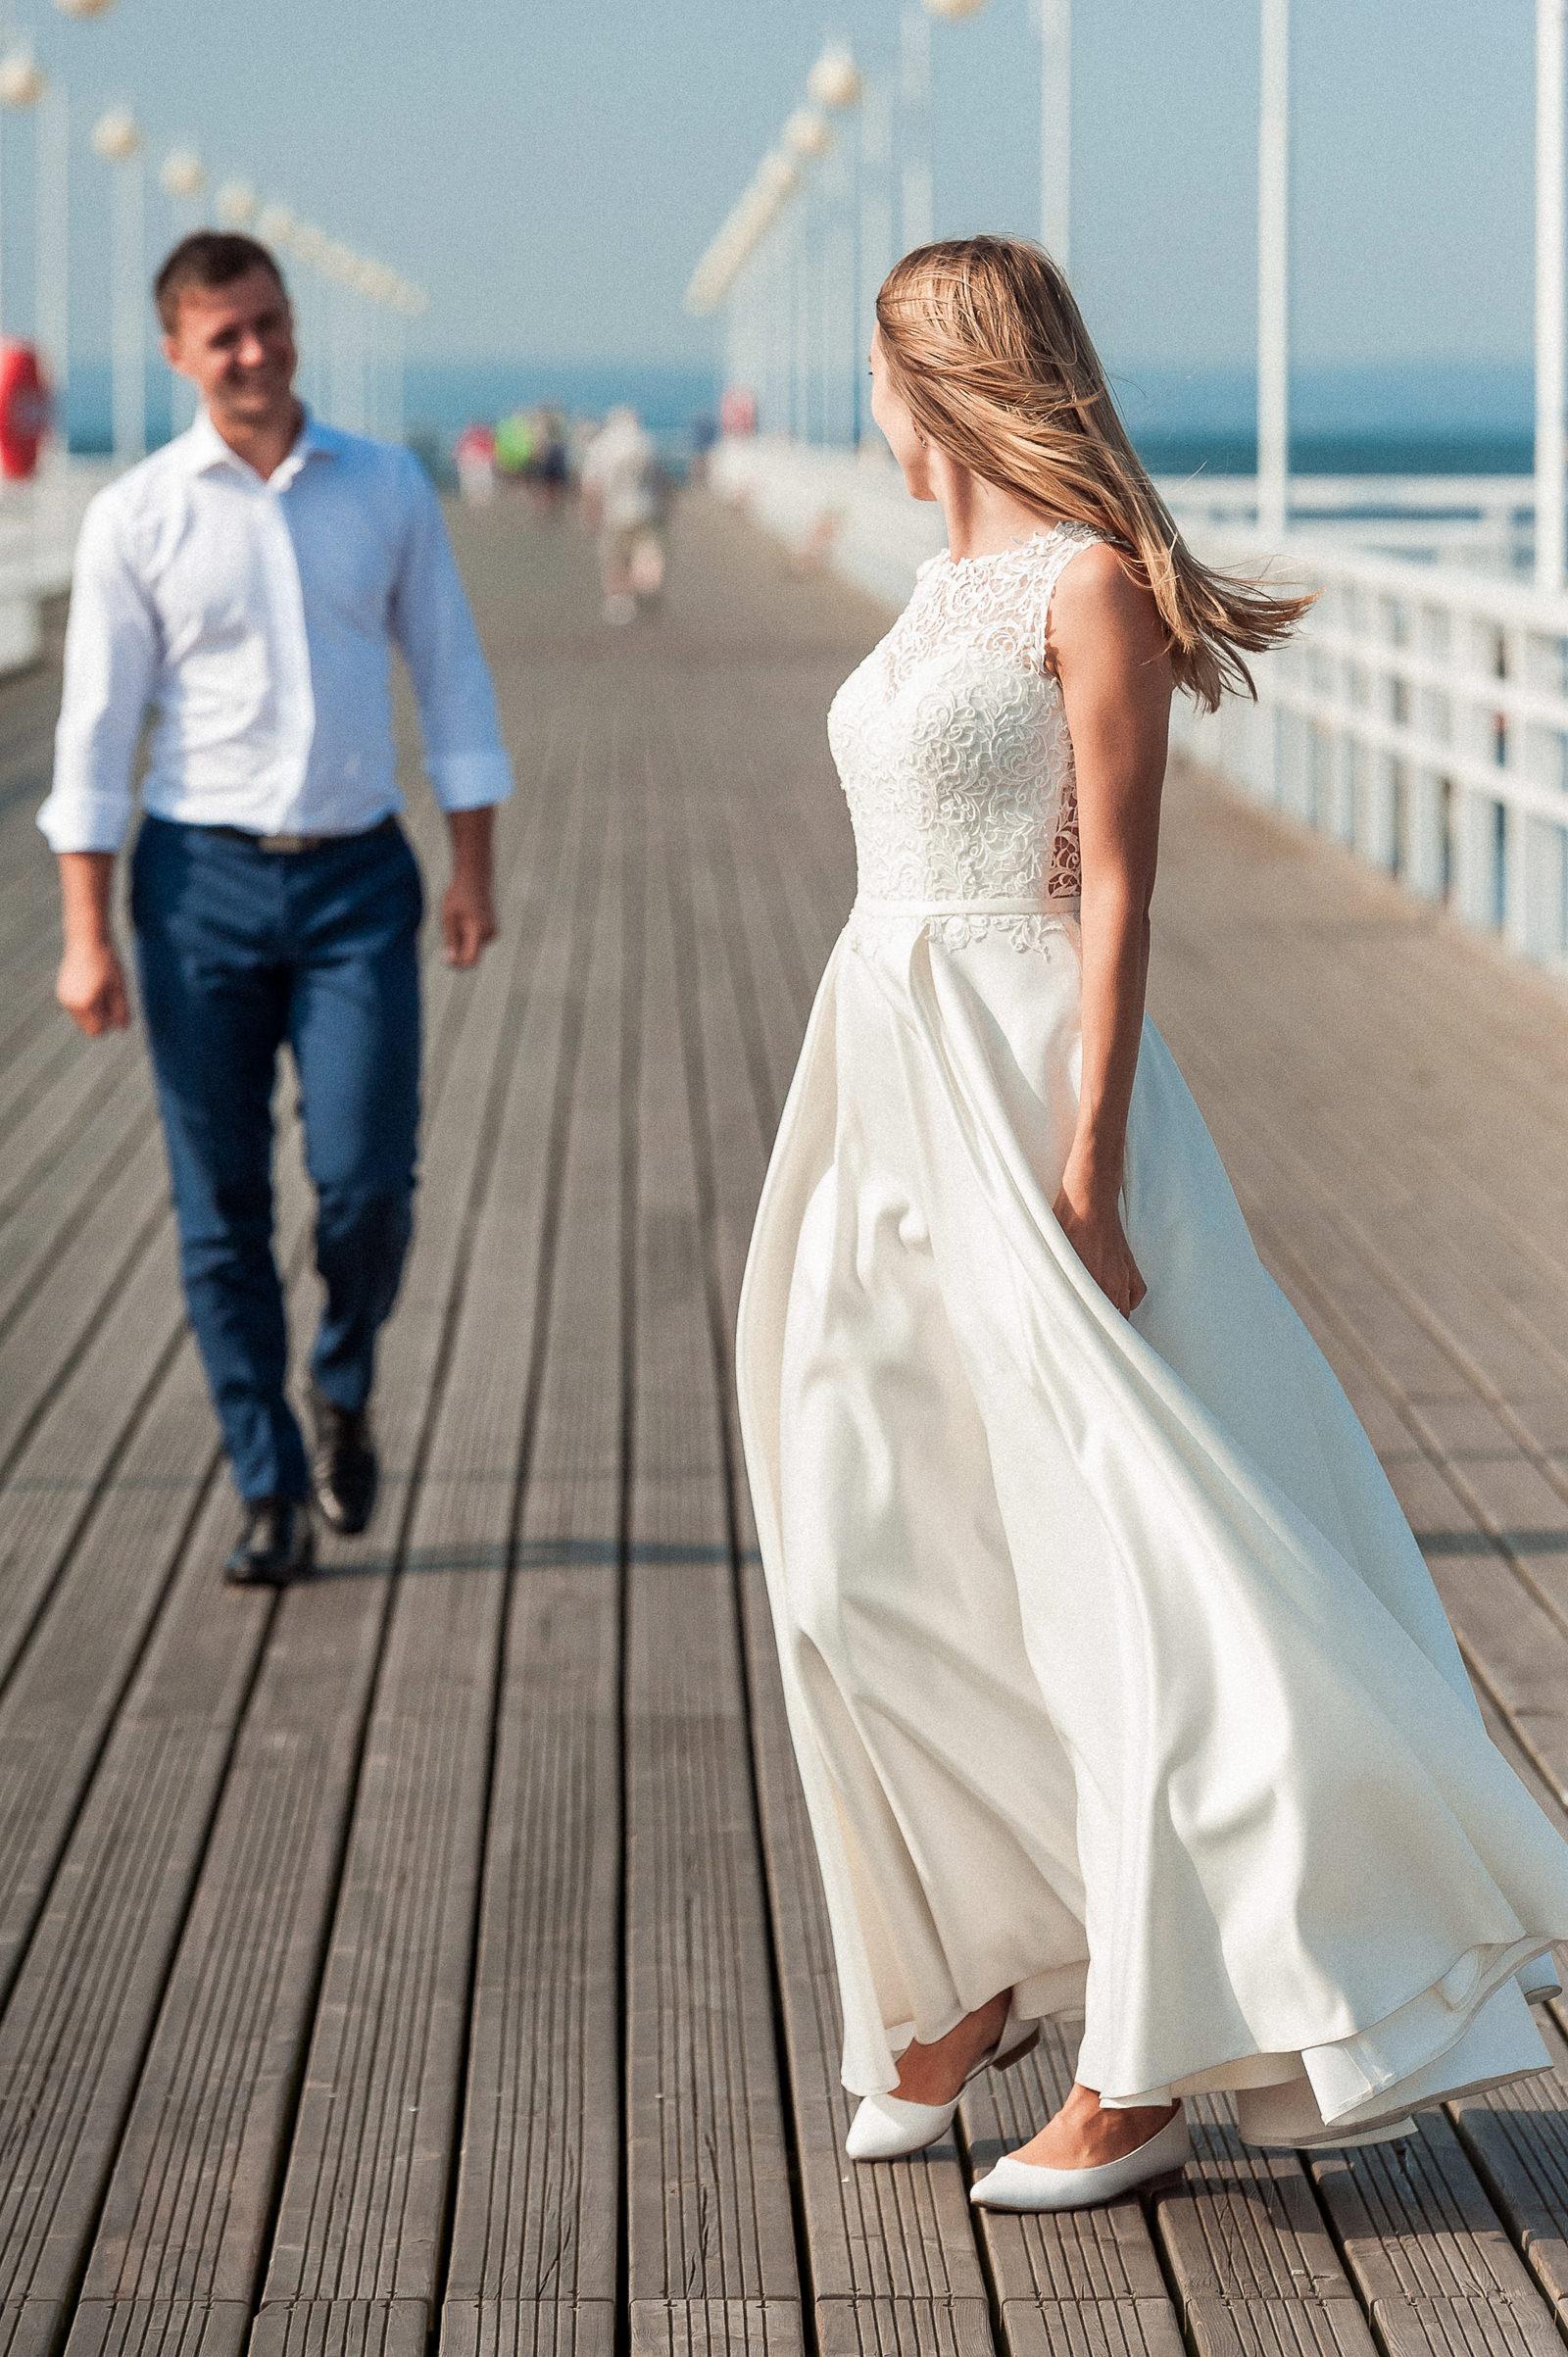 panna młoda z wdziękiem kokietuje pana młodego na sesji ślubnej w Juracie